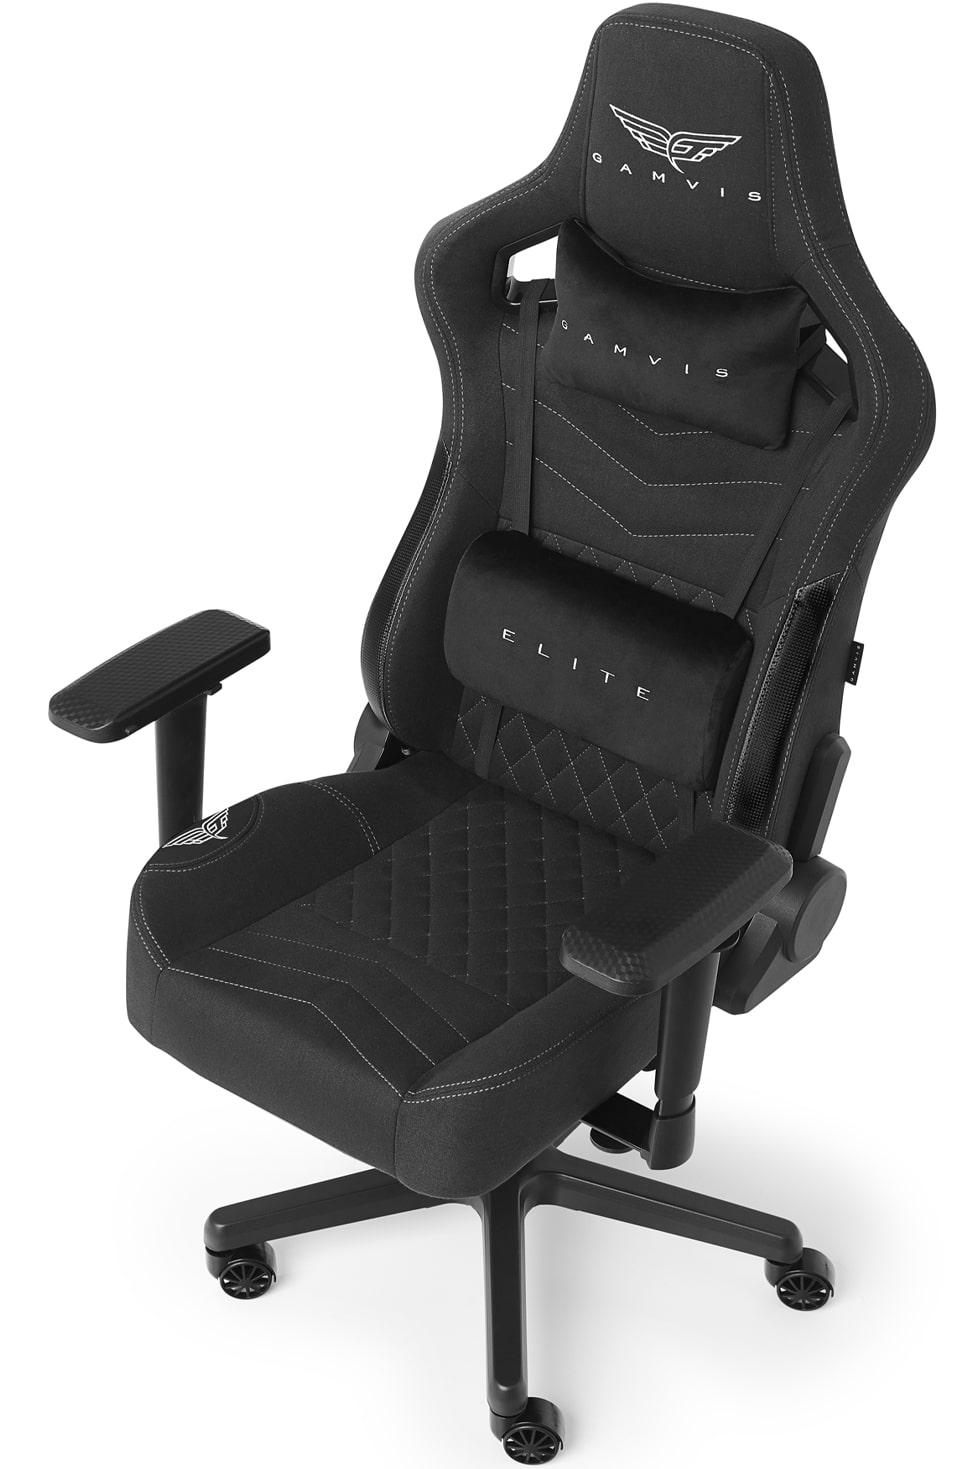 Materiałowy Fotel gamingowy Gamvis Elite Czarny